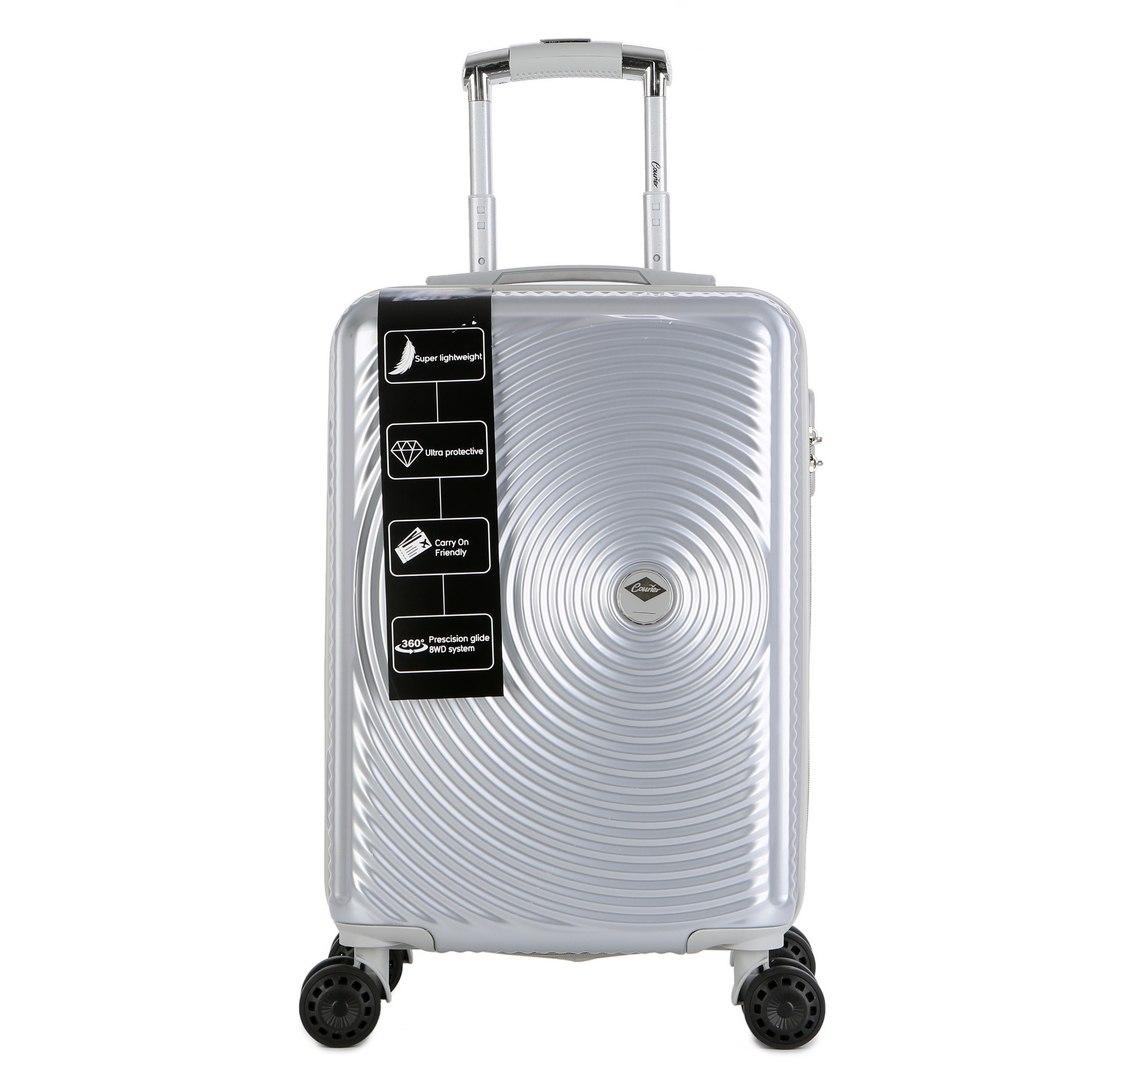 """מזוודה יוקרתית גדולה 28"""" של המותג האוסטרלי Courier - צבע כסוף"""